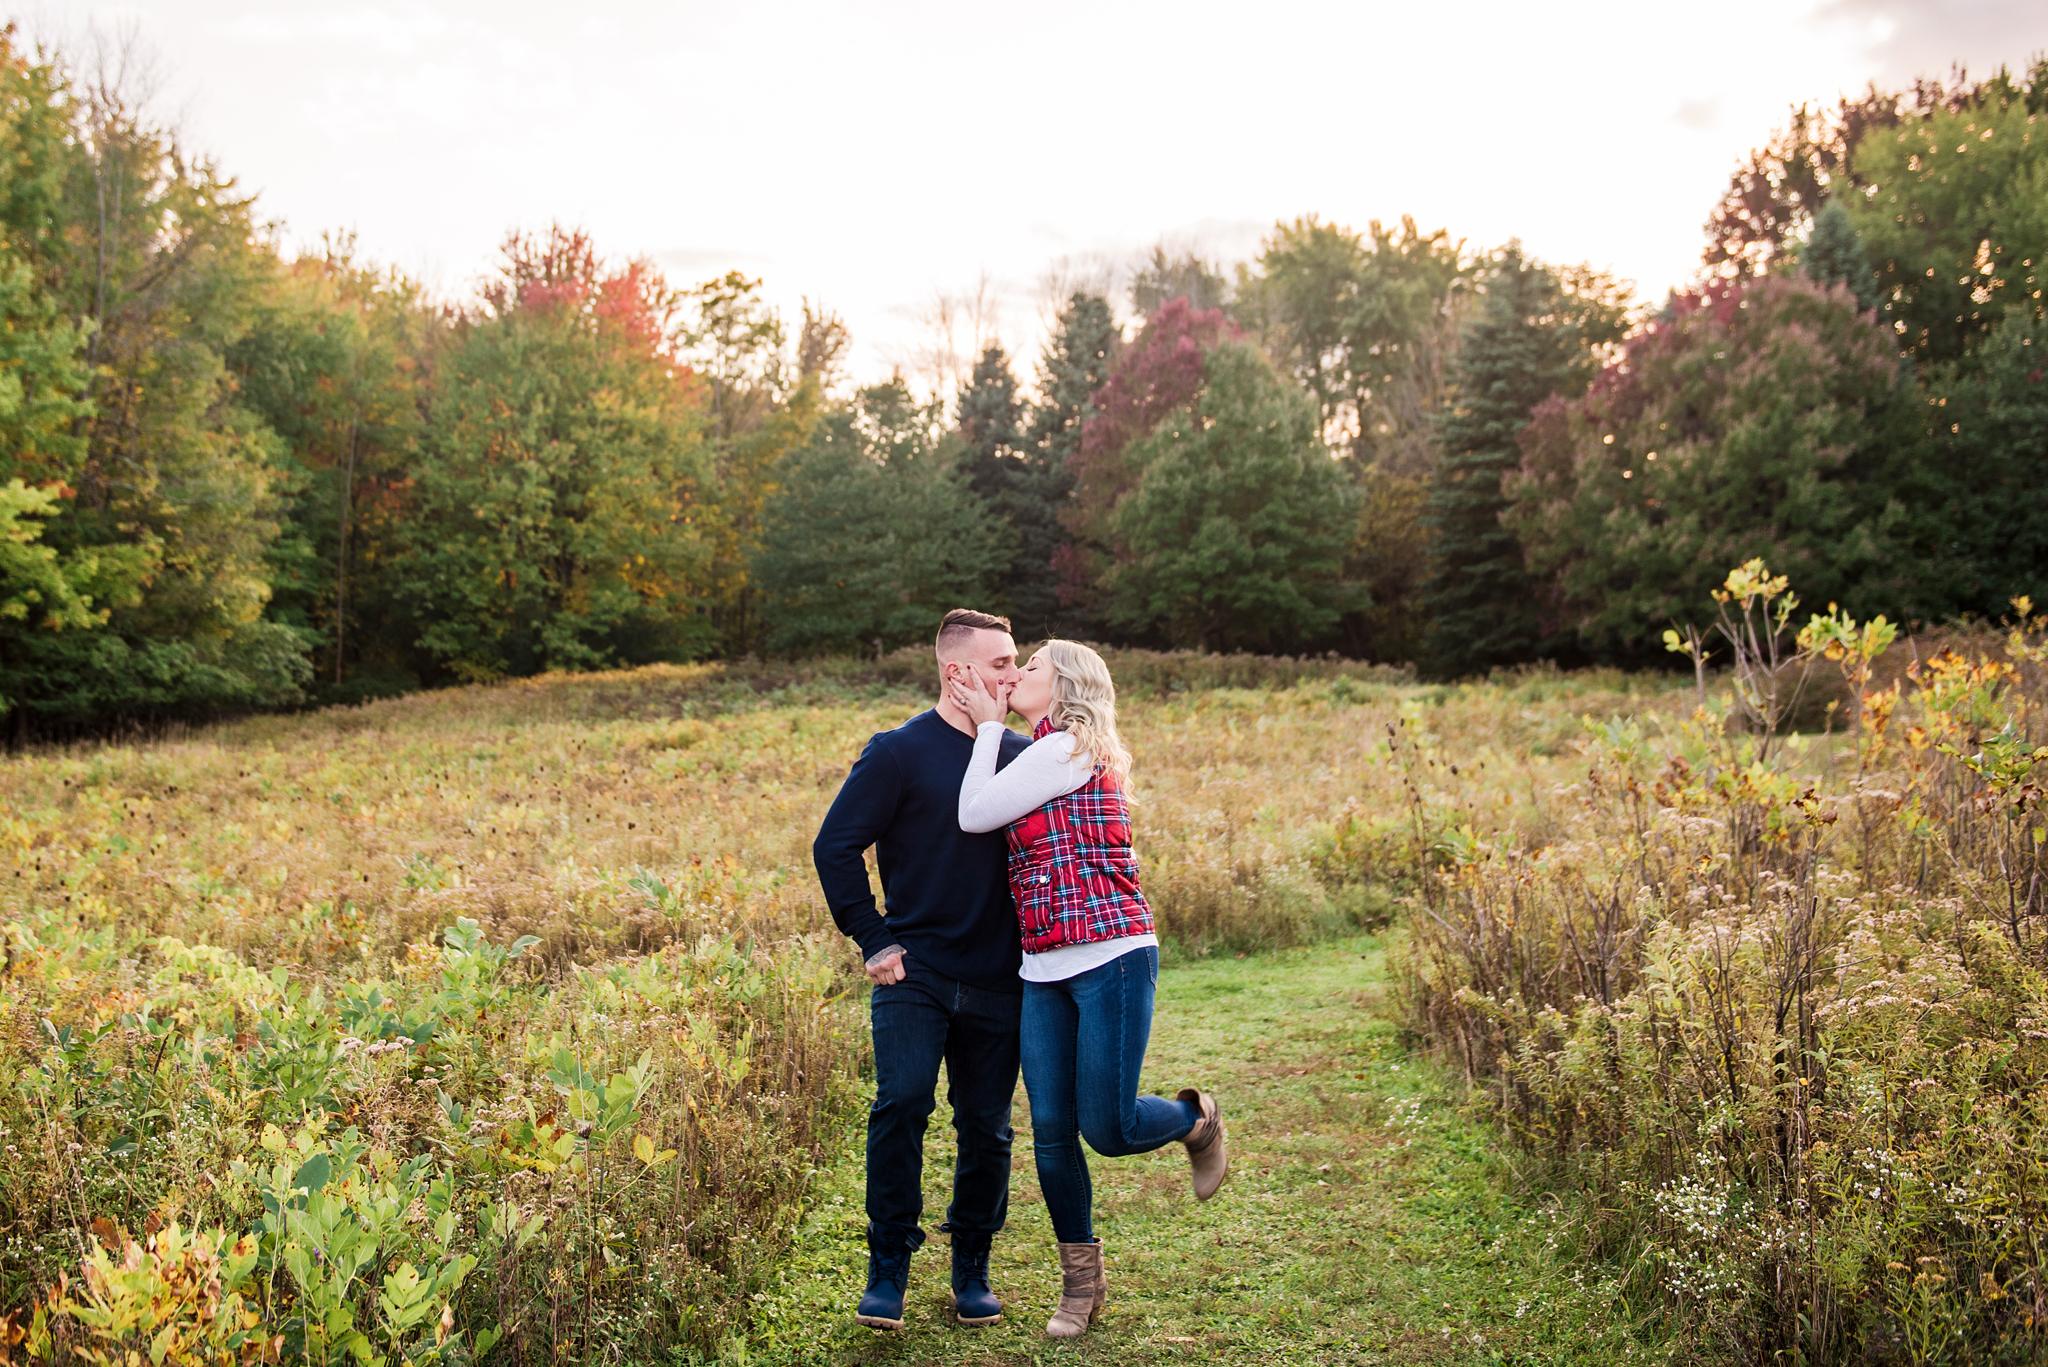 Tinker_Nature_Park_Rochester_Couples_Session_JILL_STUDIO_Rochester_NY_Photographer_DSC_4956.jpg